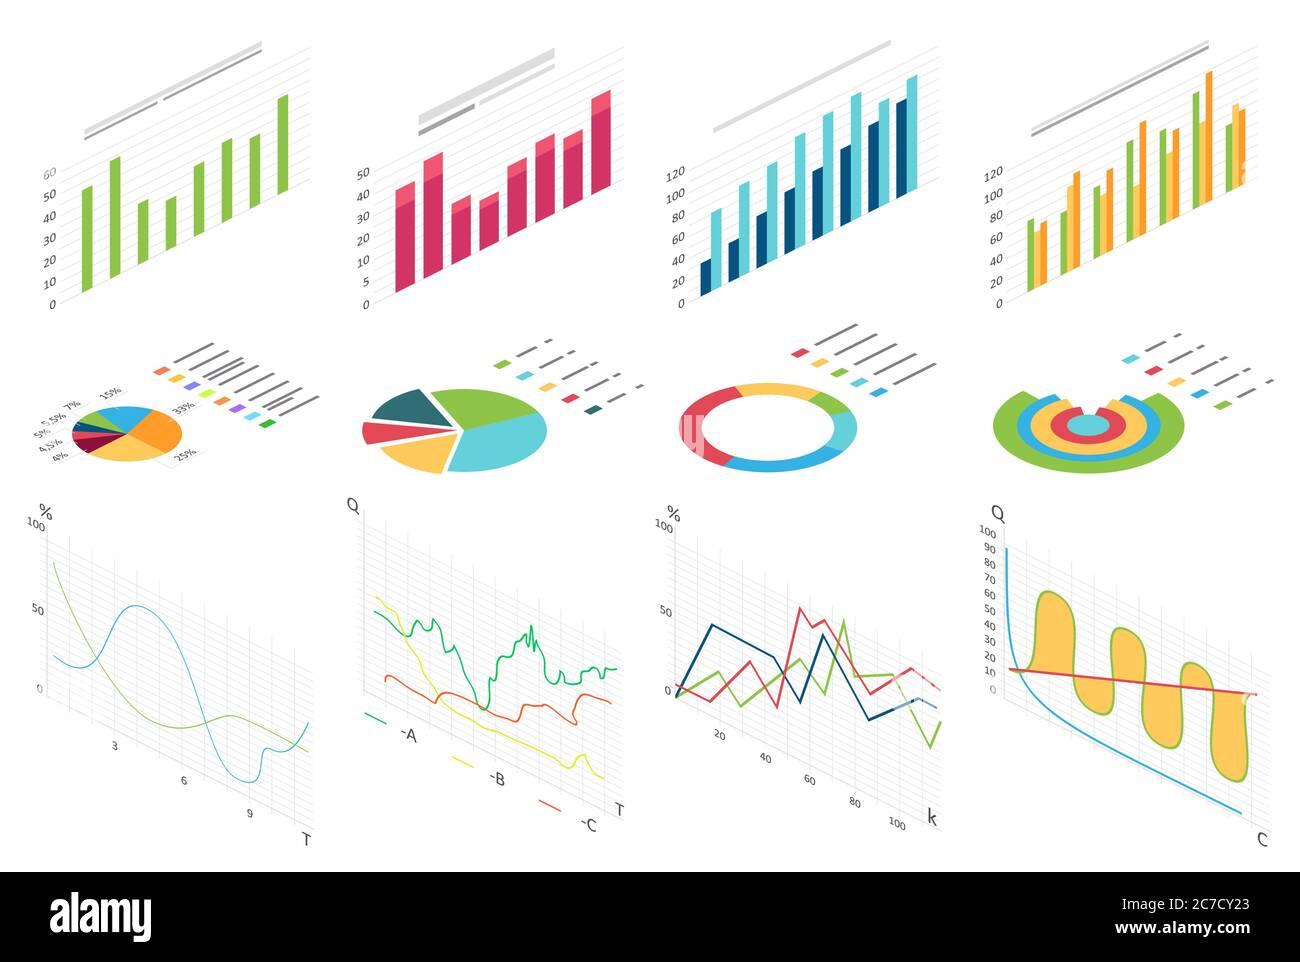 Gráfico de finanzas de datos planos isométricos, gráficos de finanzas empresariales para infografía. Datos de gráficos de ondas, estadísticas de diagramas 2d, columnas de información ilustración vectorial aislada Ilustración del Vector